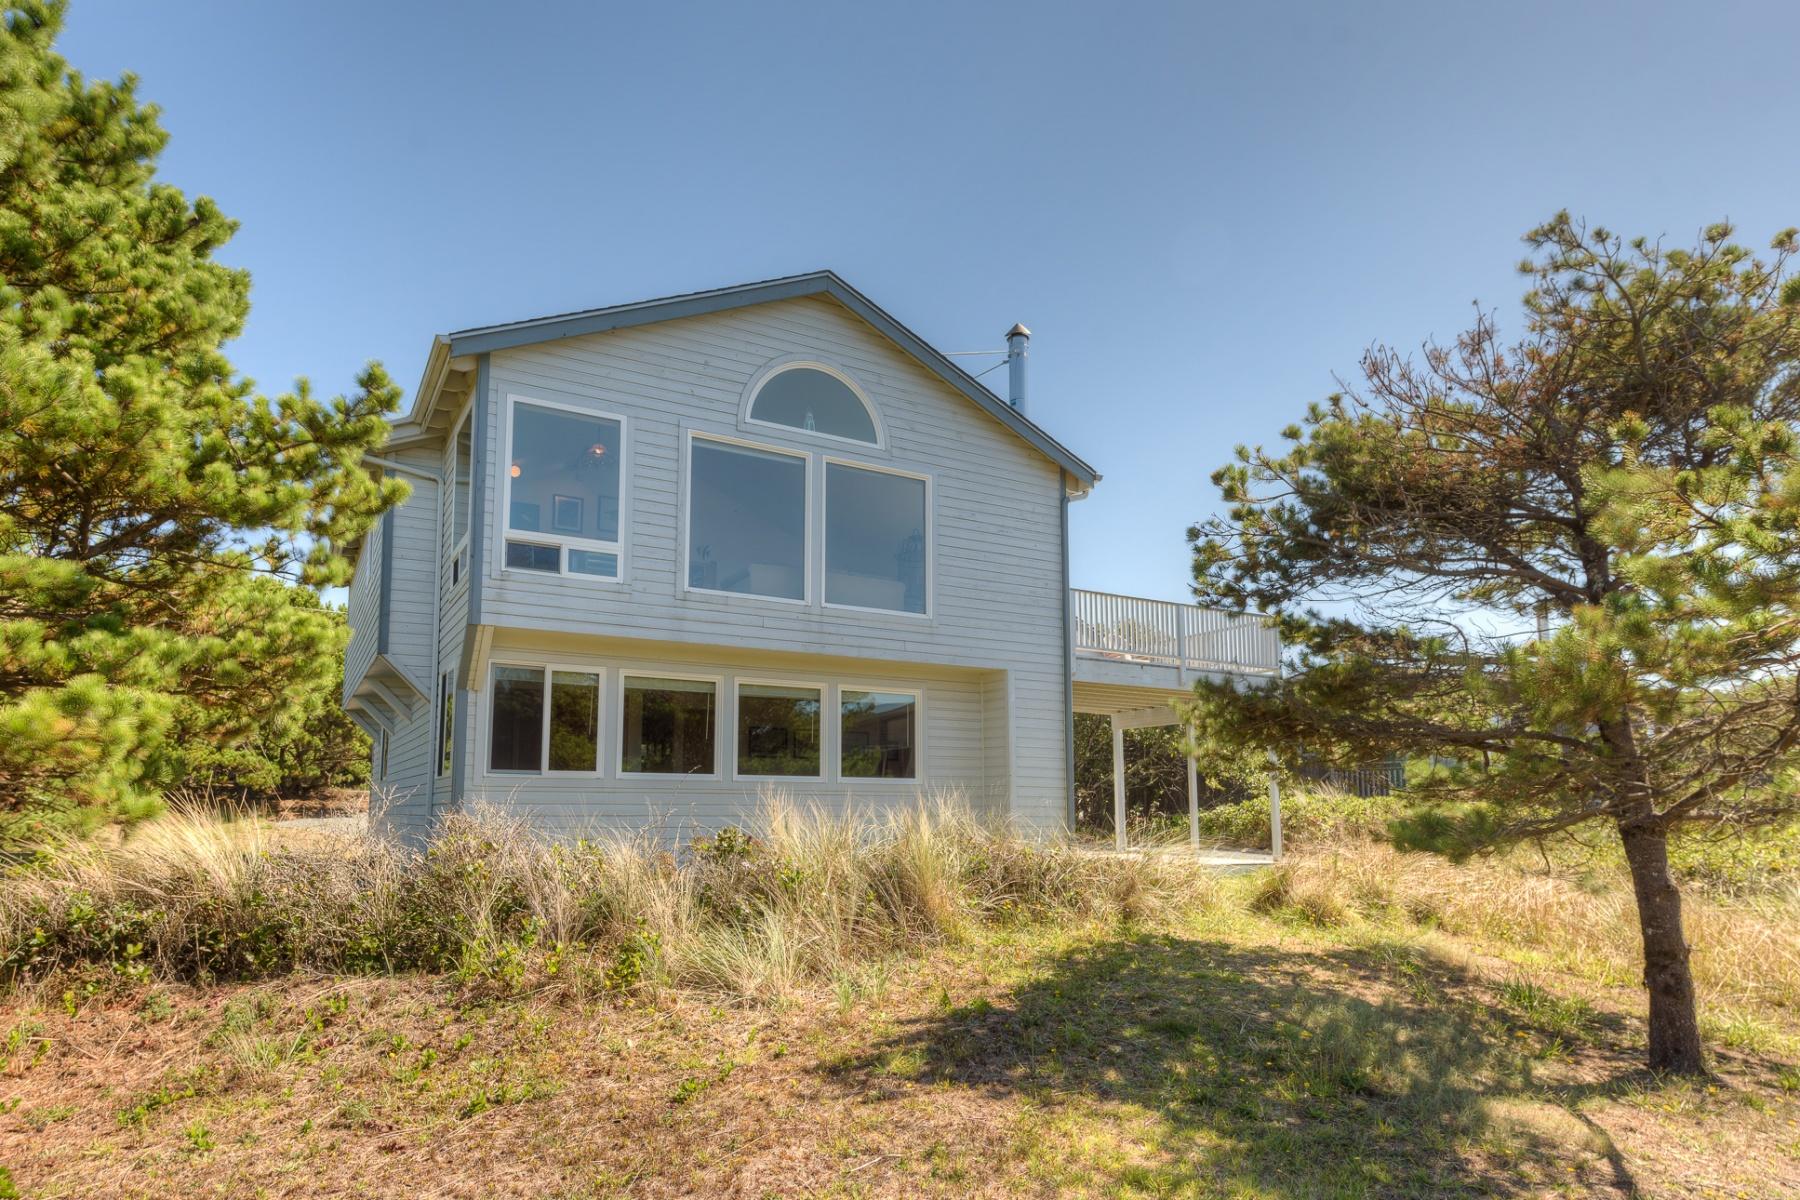 Nhà ở một gia đình vì Bán tại 901 S CARMEL, MANZANITA 901 S CARMEL Ave Manzanita, Oregon, 97130 Hoa Kỳ